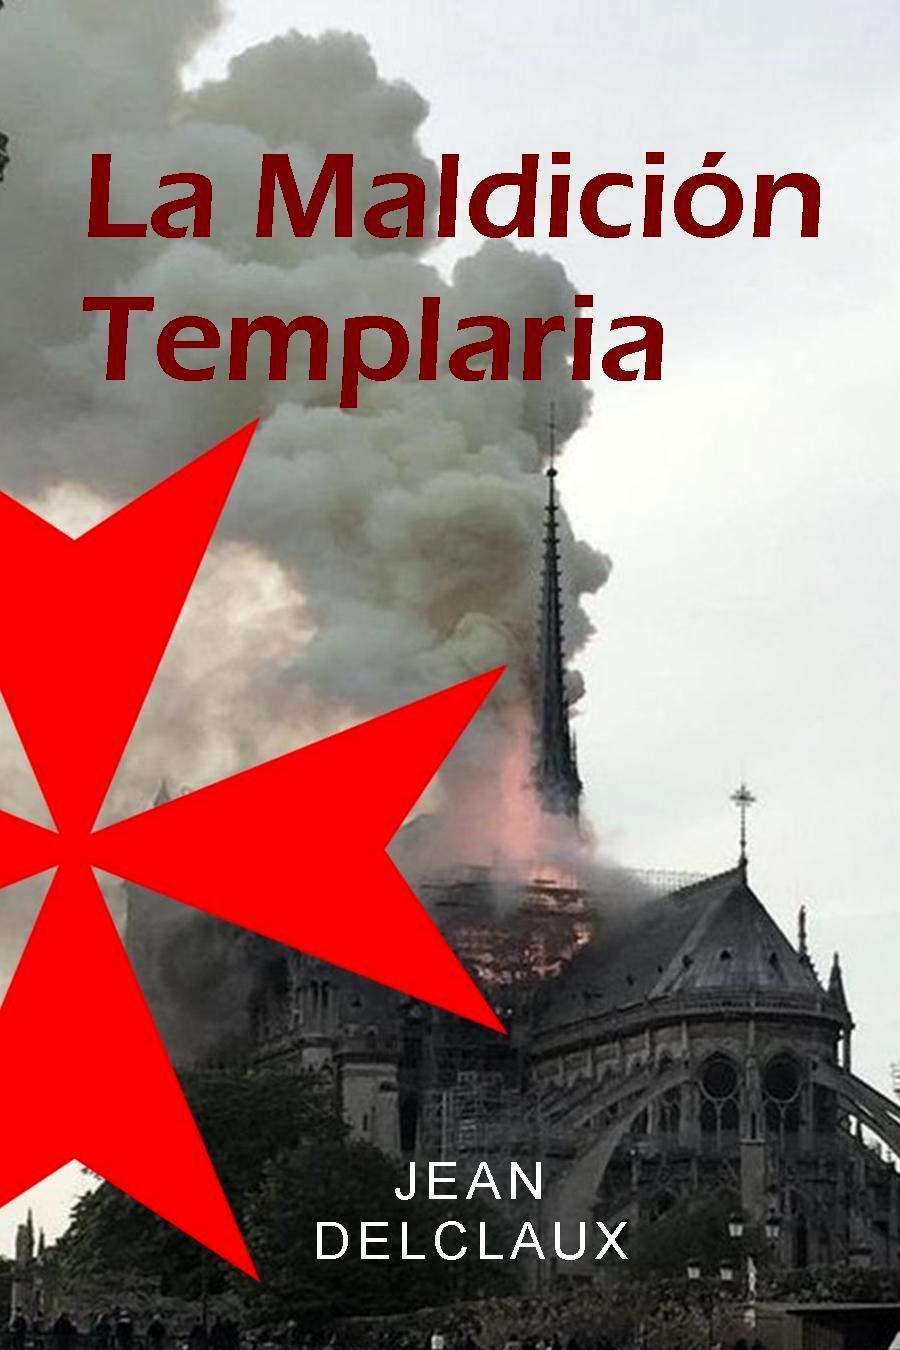 LA MALDICIÓN TEMPLARIA: Los misterios de Notre-Dame al descubierto